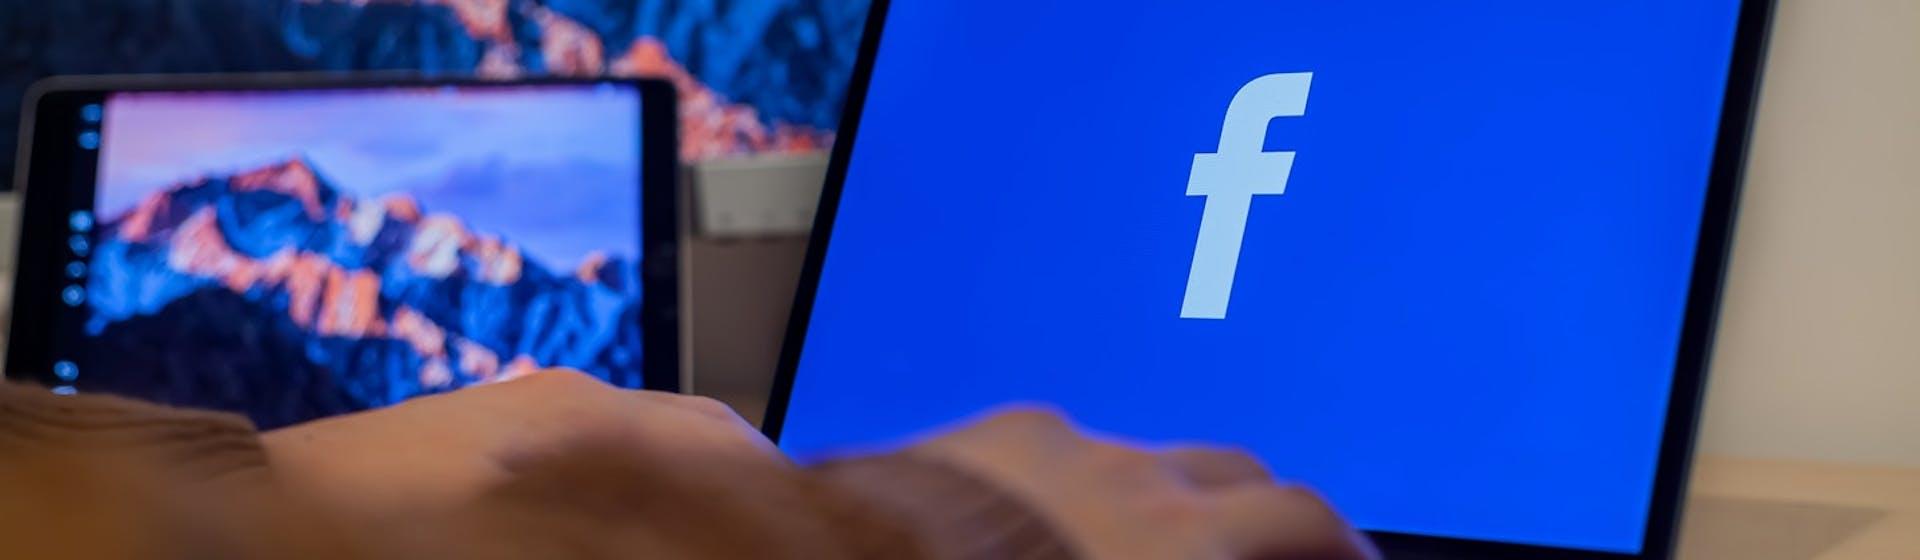 ¿Cómo descargar historias de Facebook? Usa estas apps gratis y olvídate del screenshot